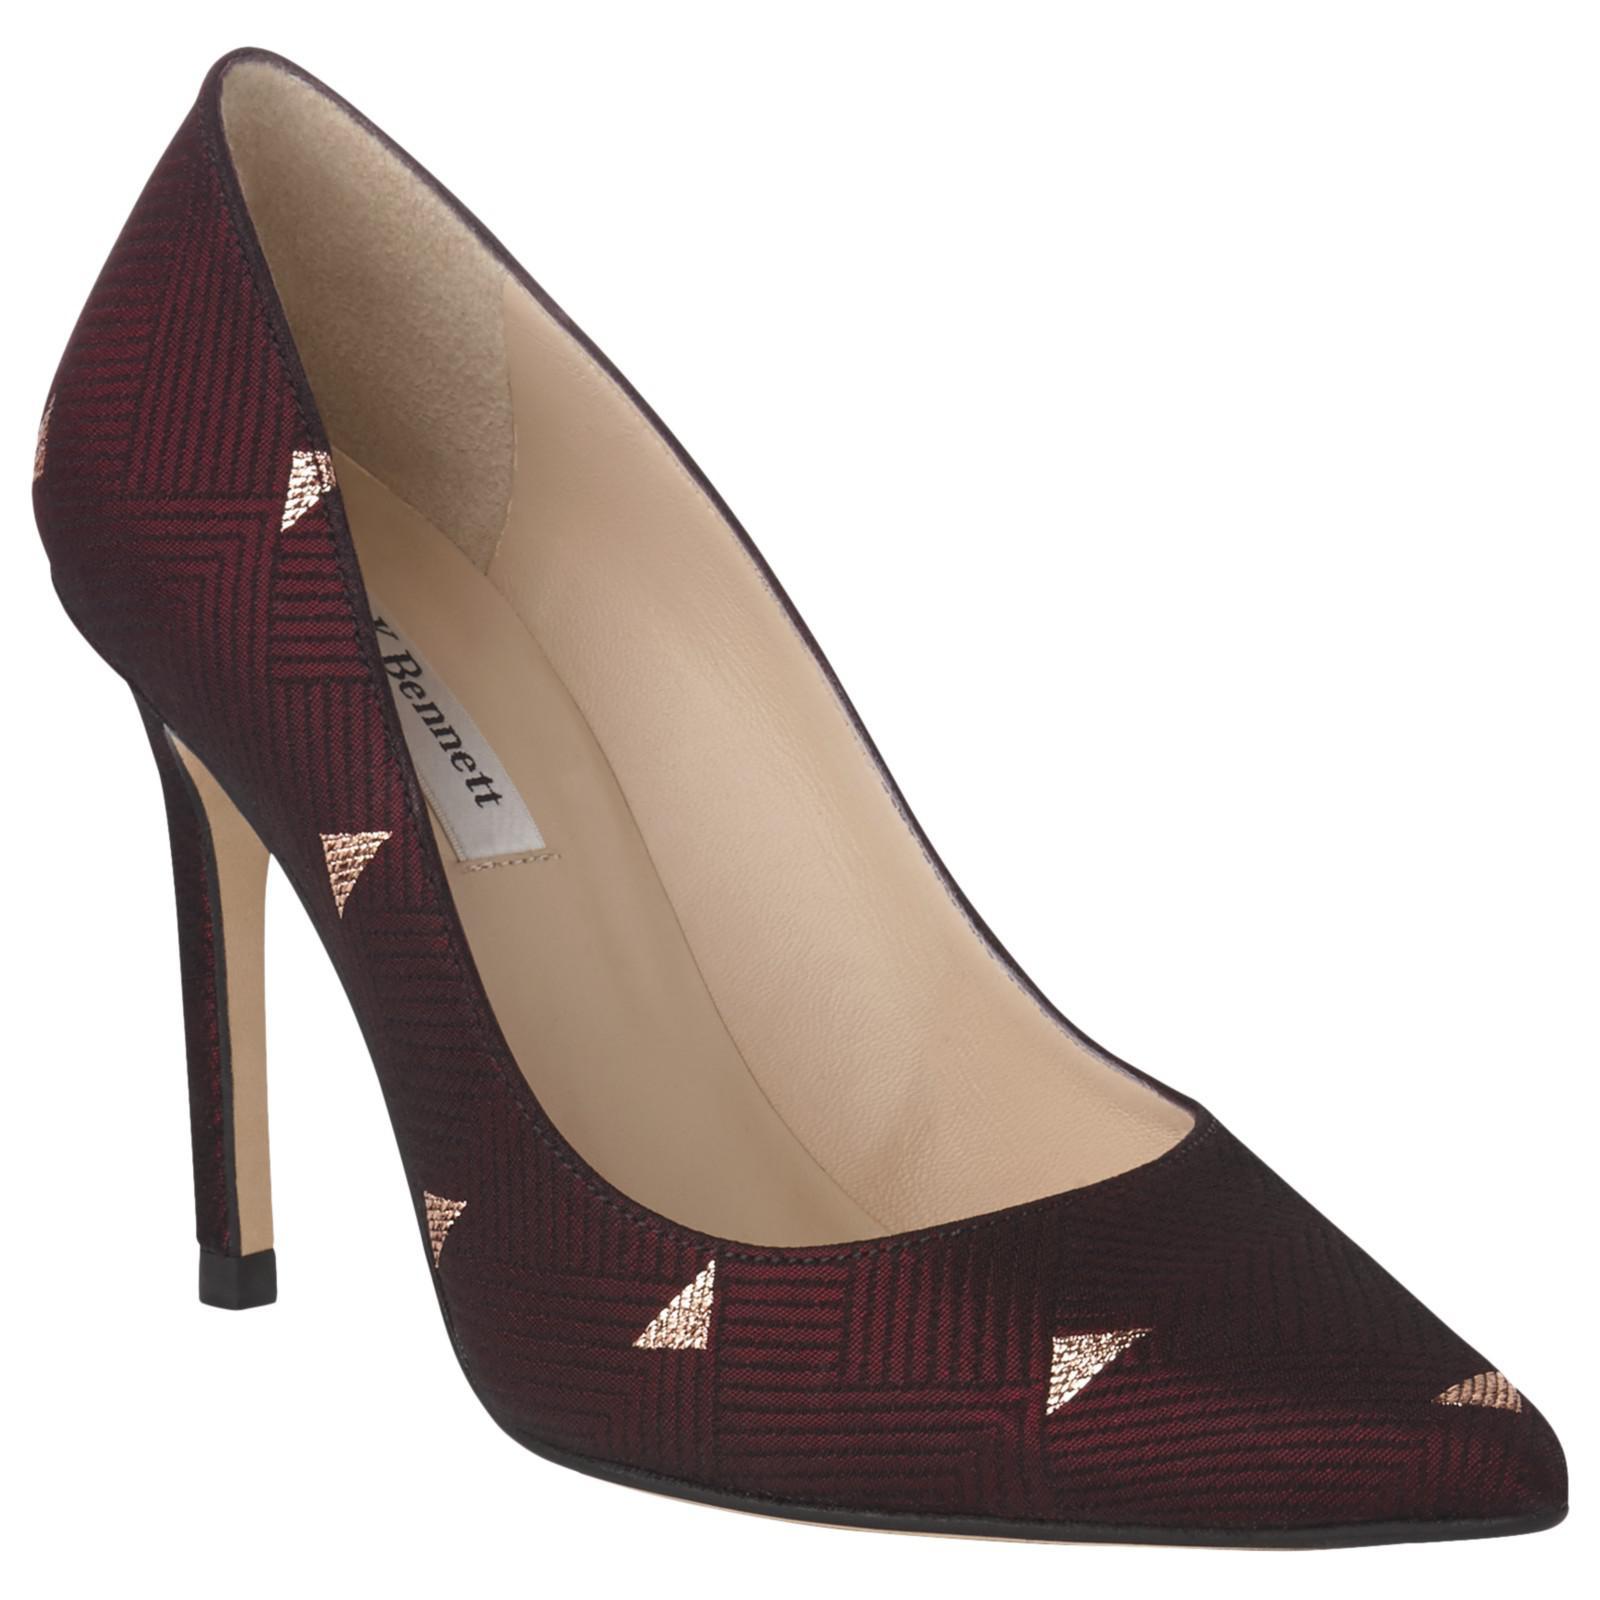 Lk Bennett Fern Court Shoes